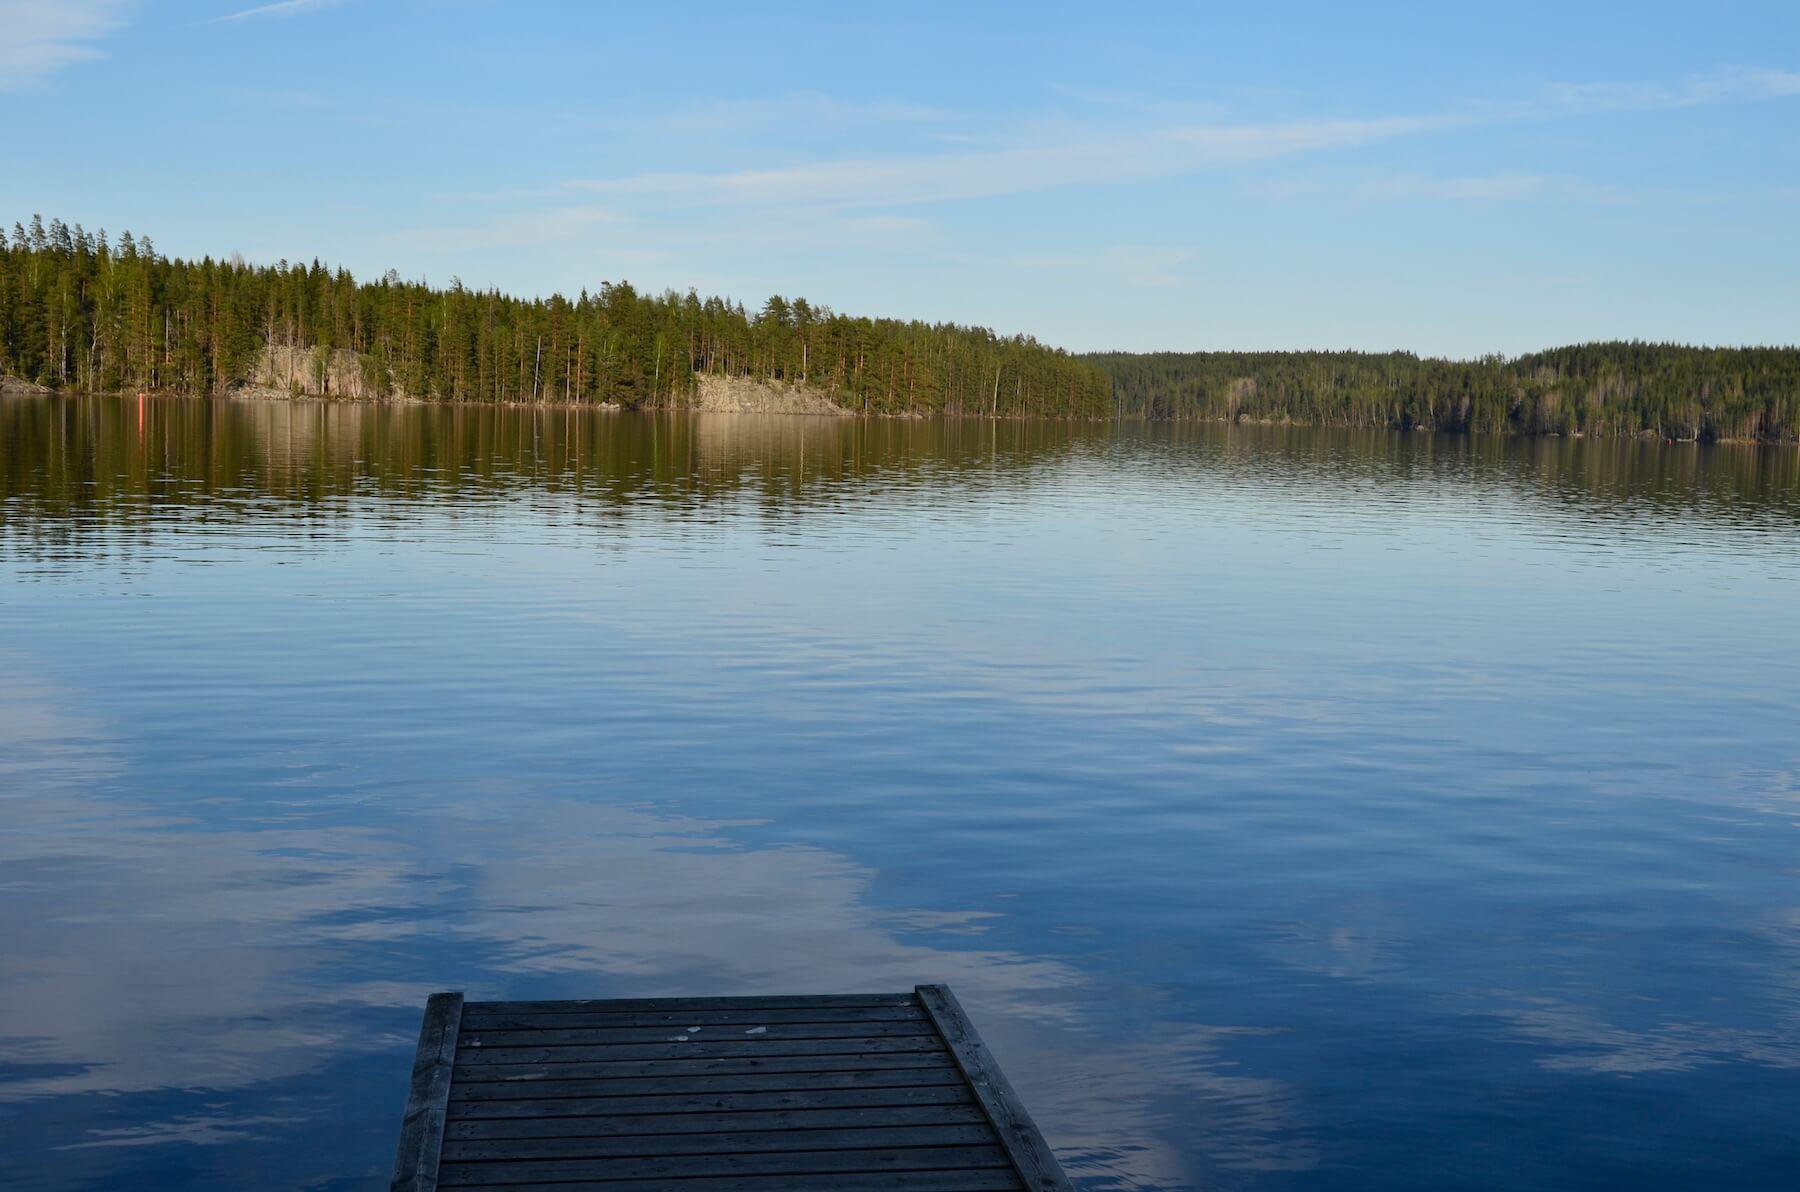 Juhlapaikka sijaitsee järven rannalla